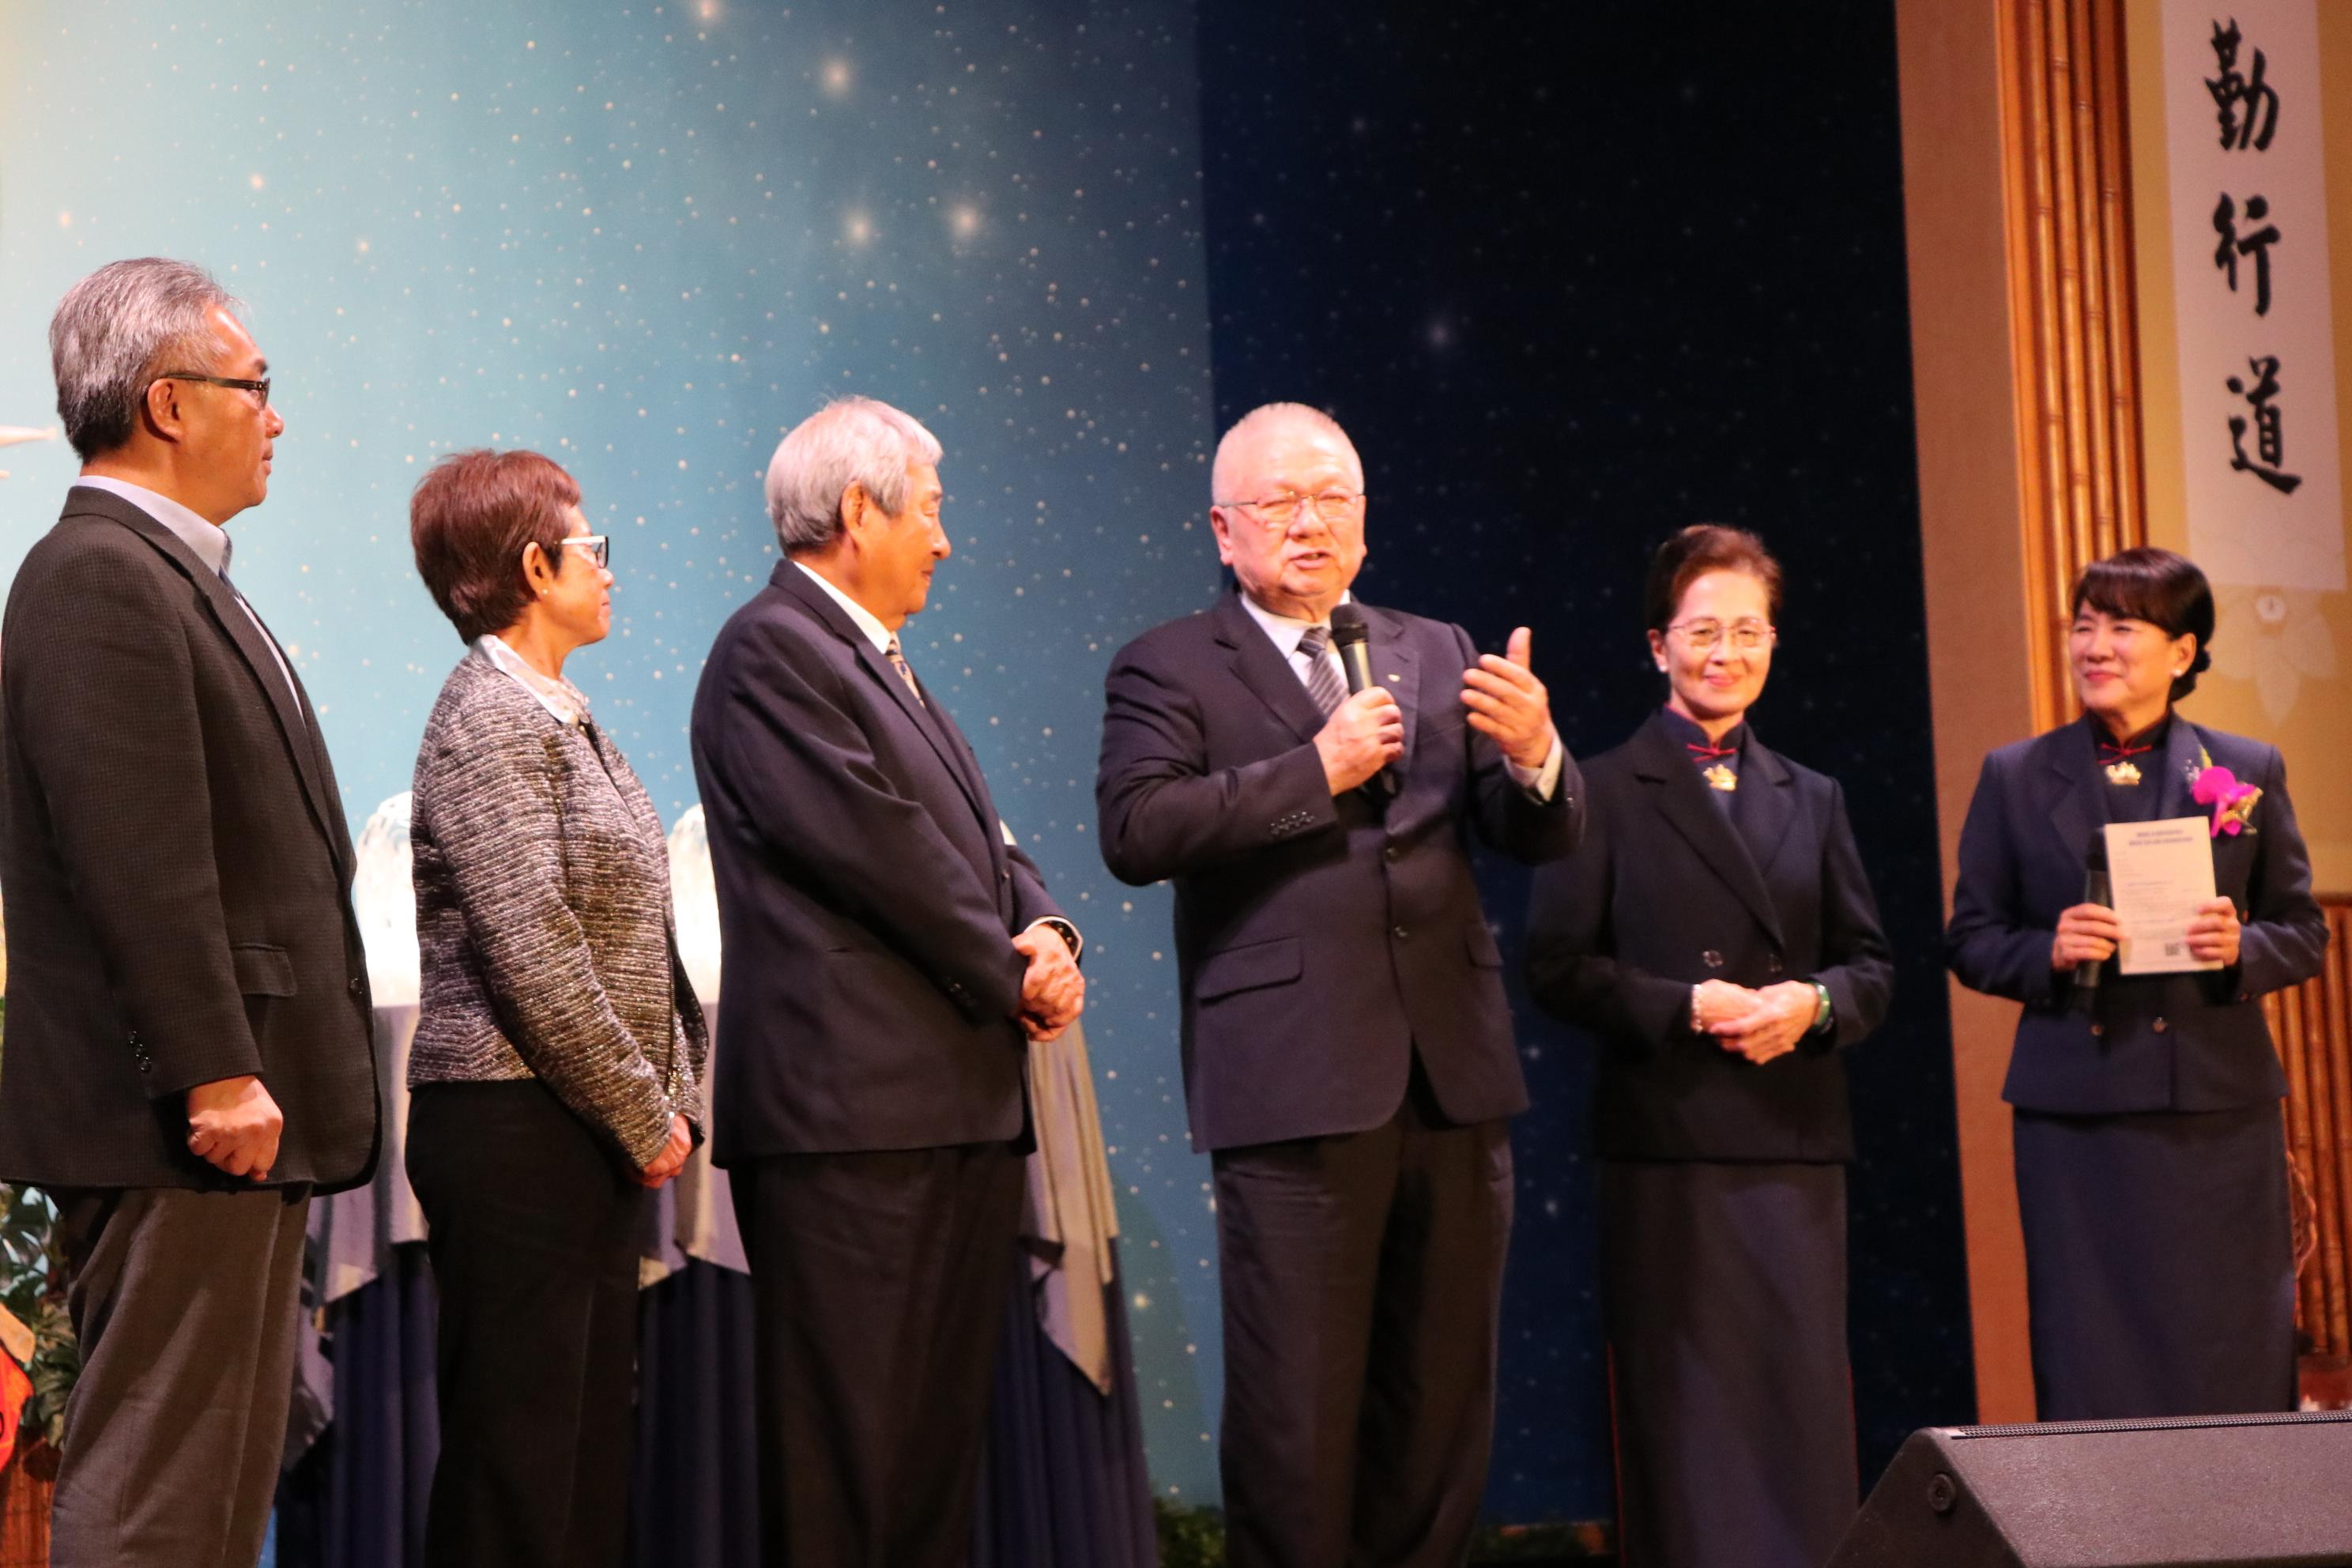 黃濟恩(右三)介紹參與救災的義工與善心人士見面。